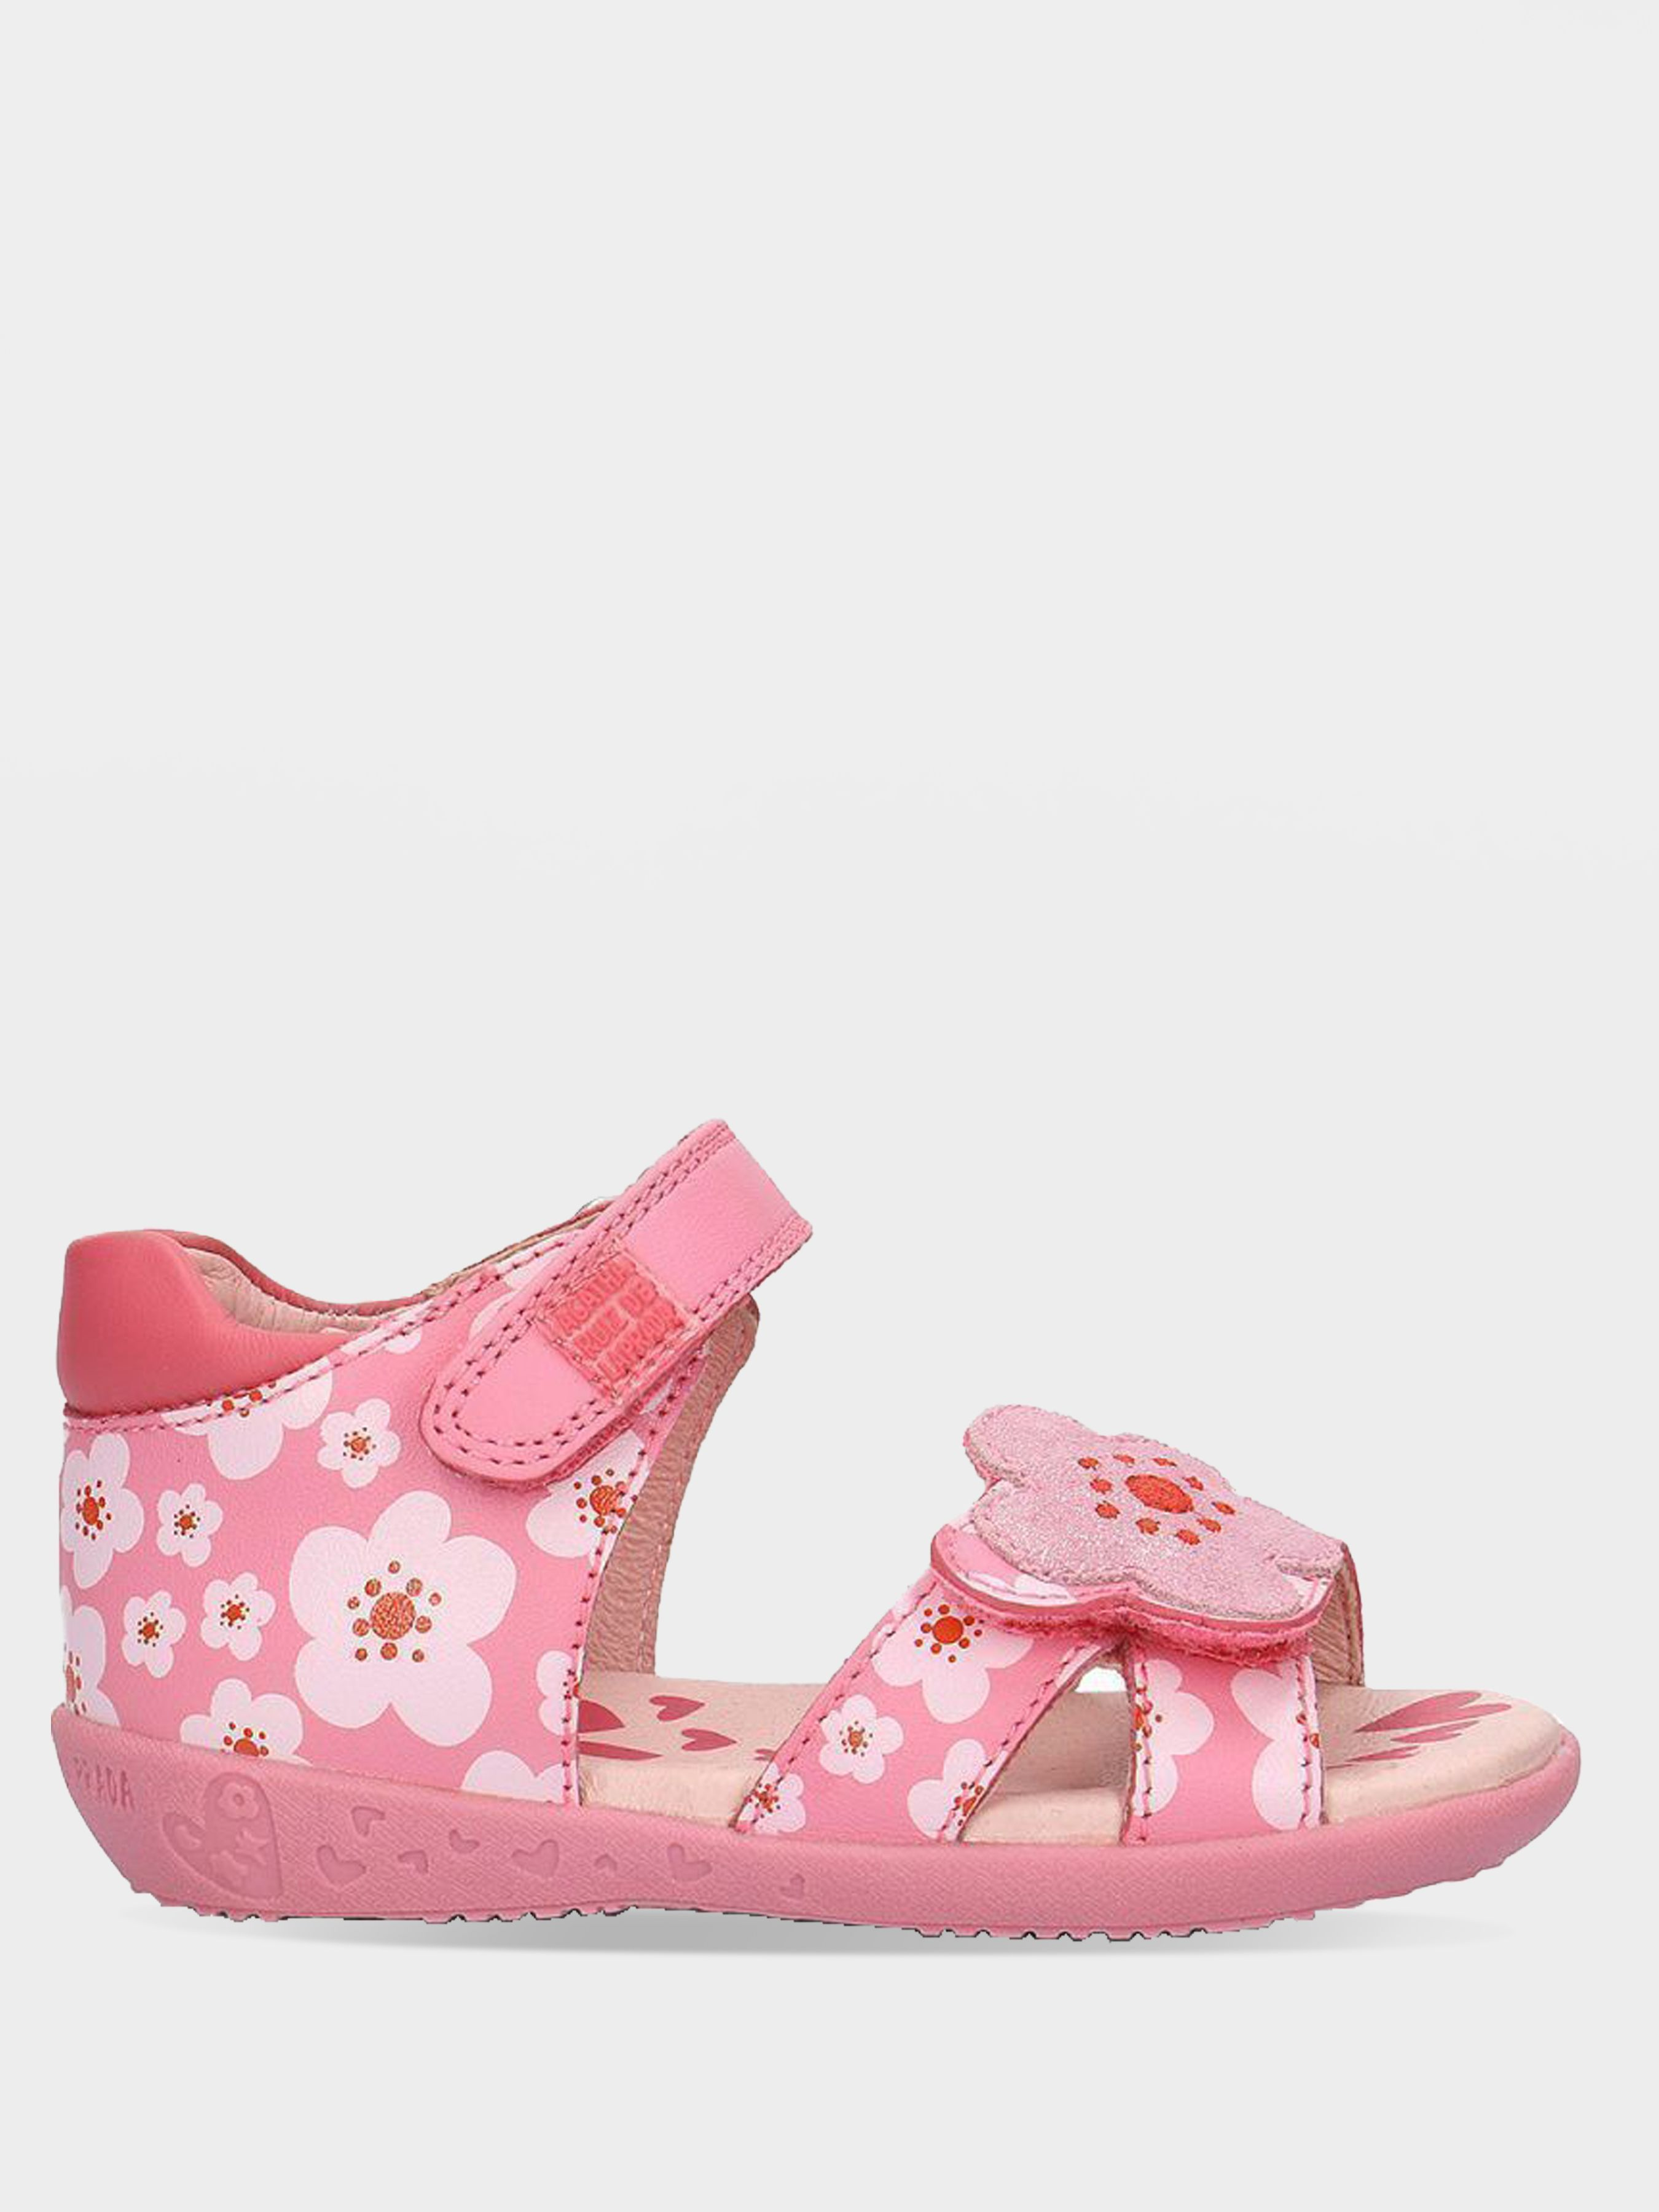 Купить Босоножки детские AGATHA RUIZ DE LA PRADA YV273, Розовый